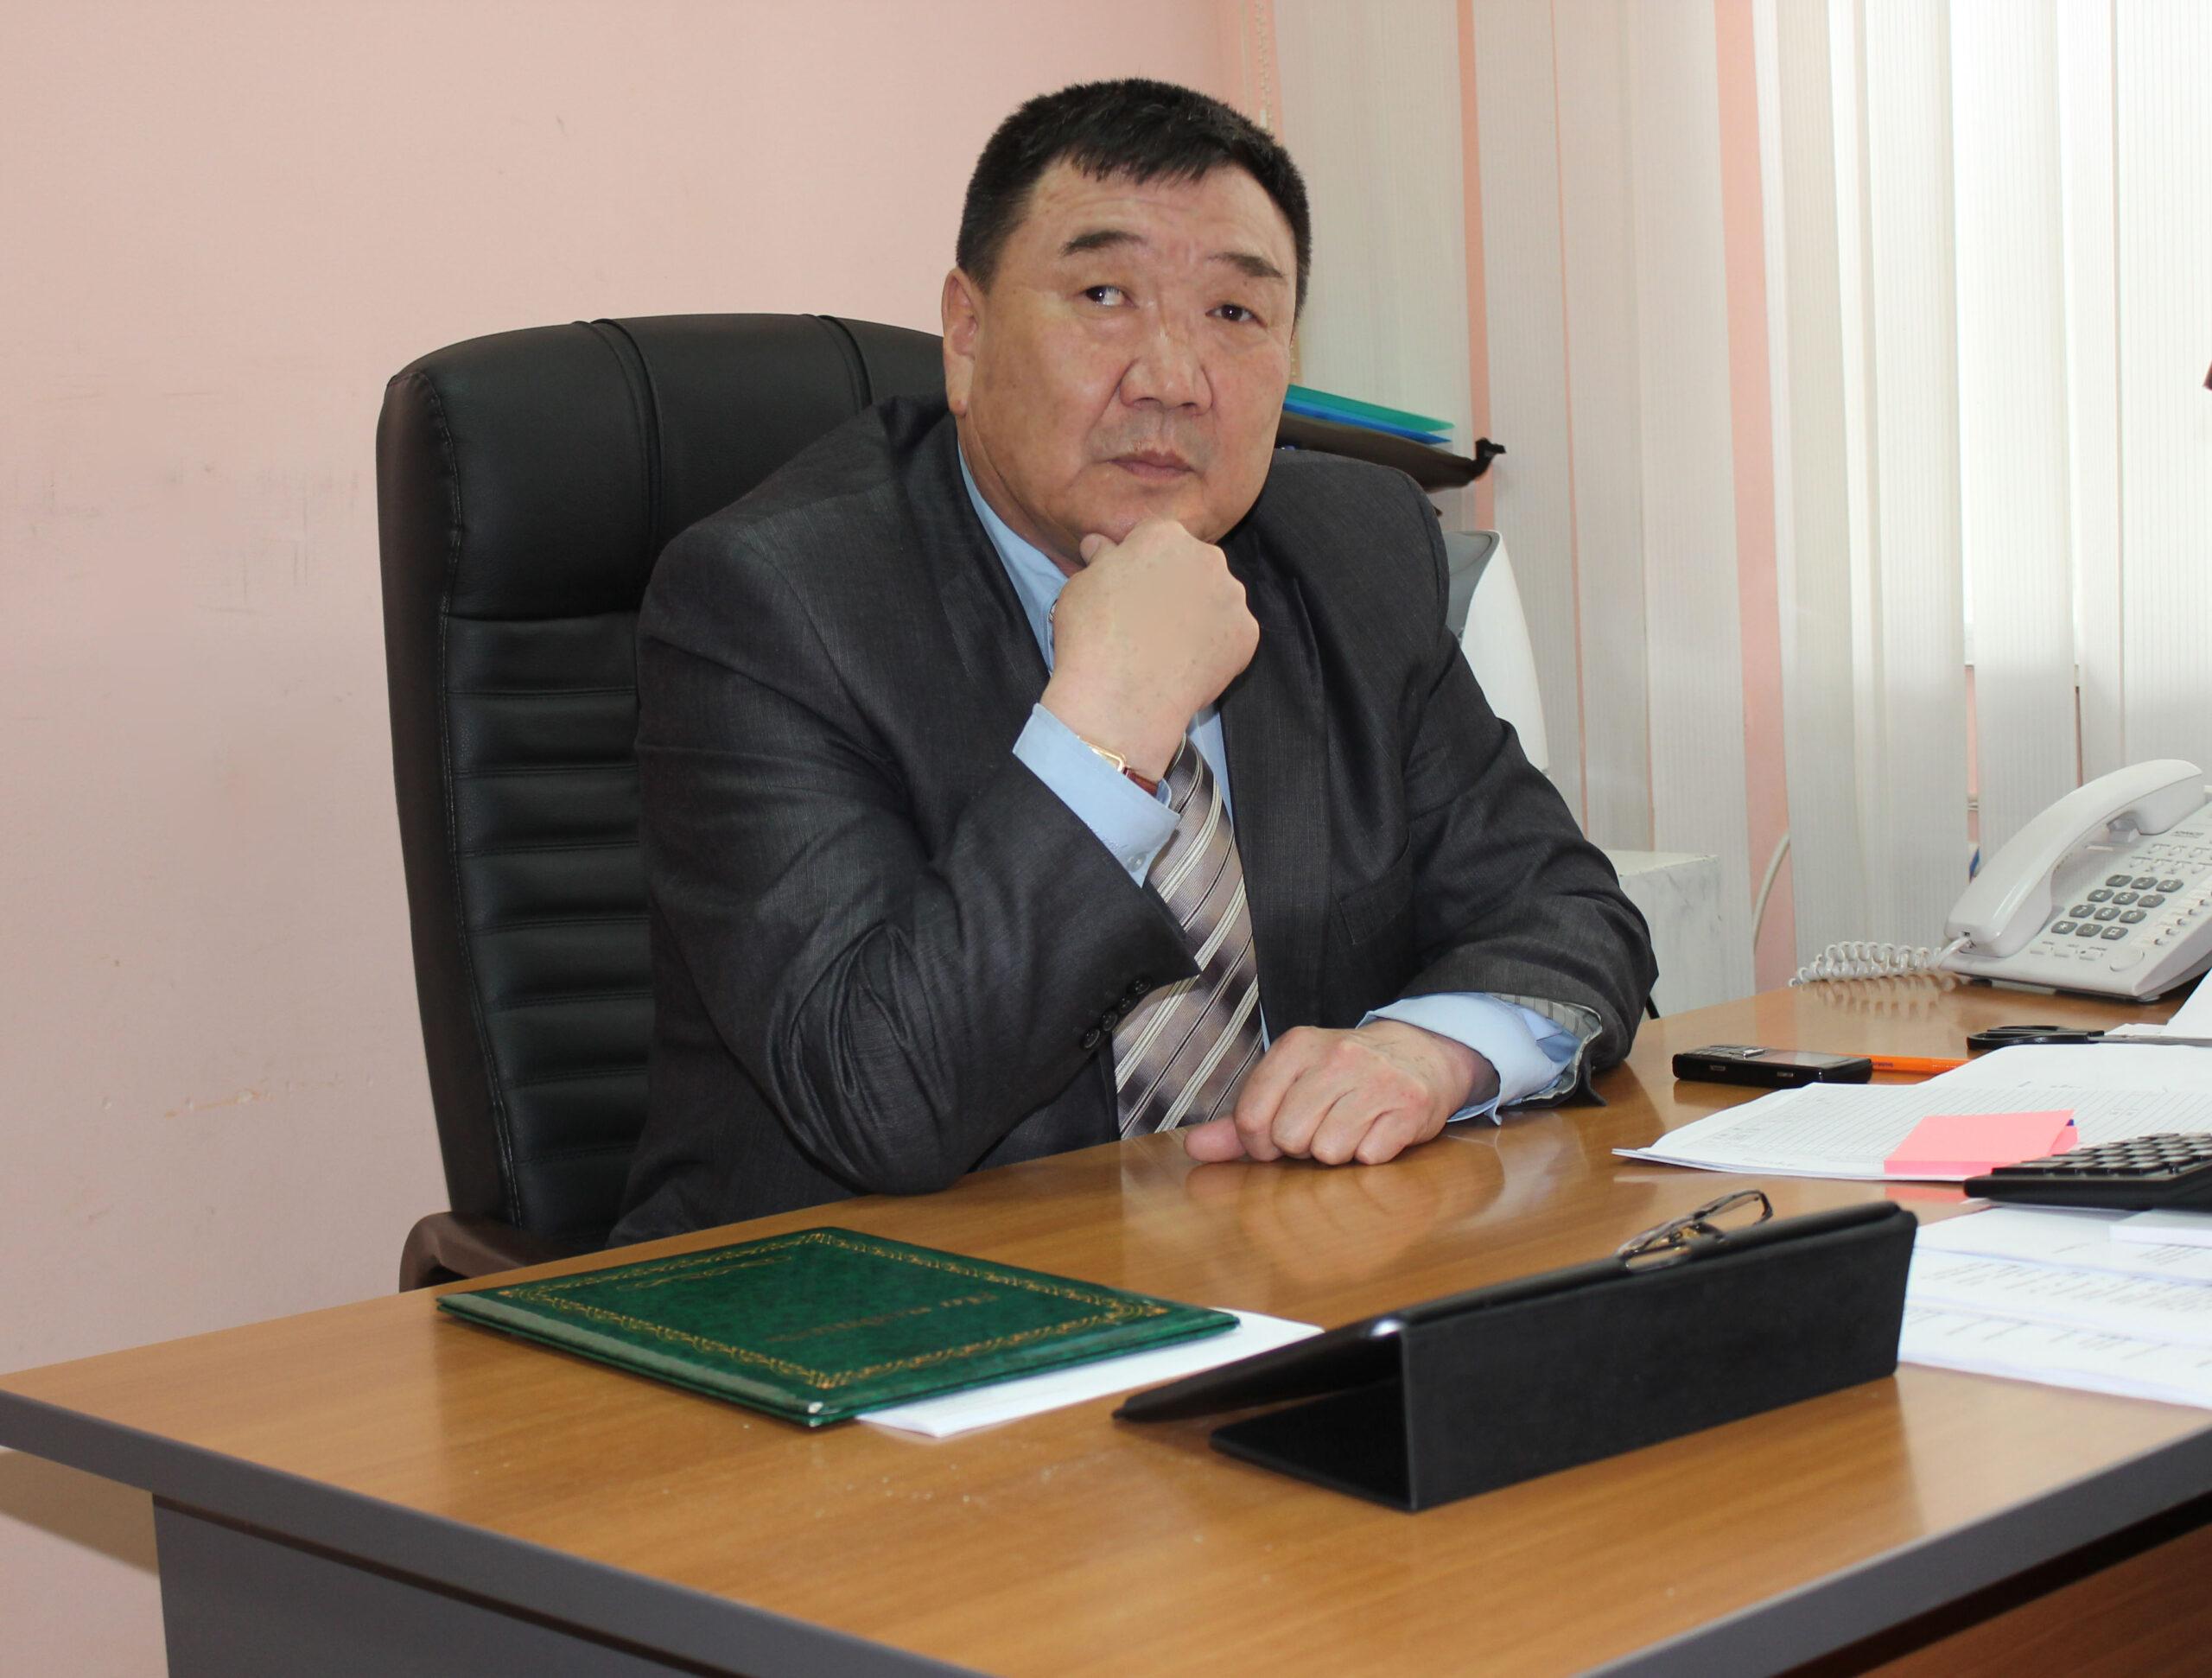 Г.Д. Унканжинов ФГБУ САС Калмыцкая